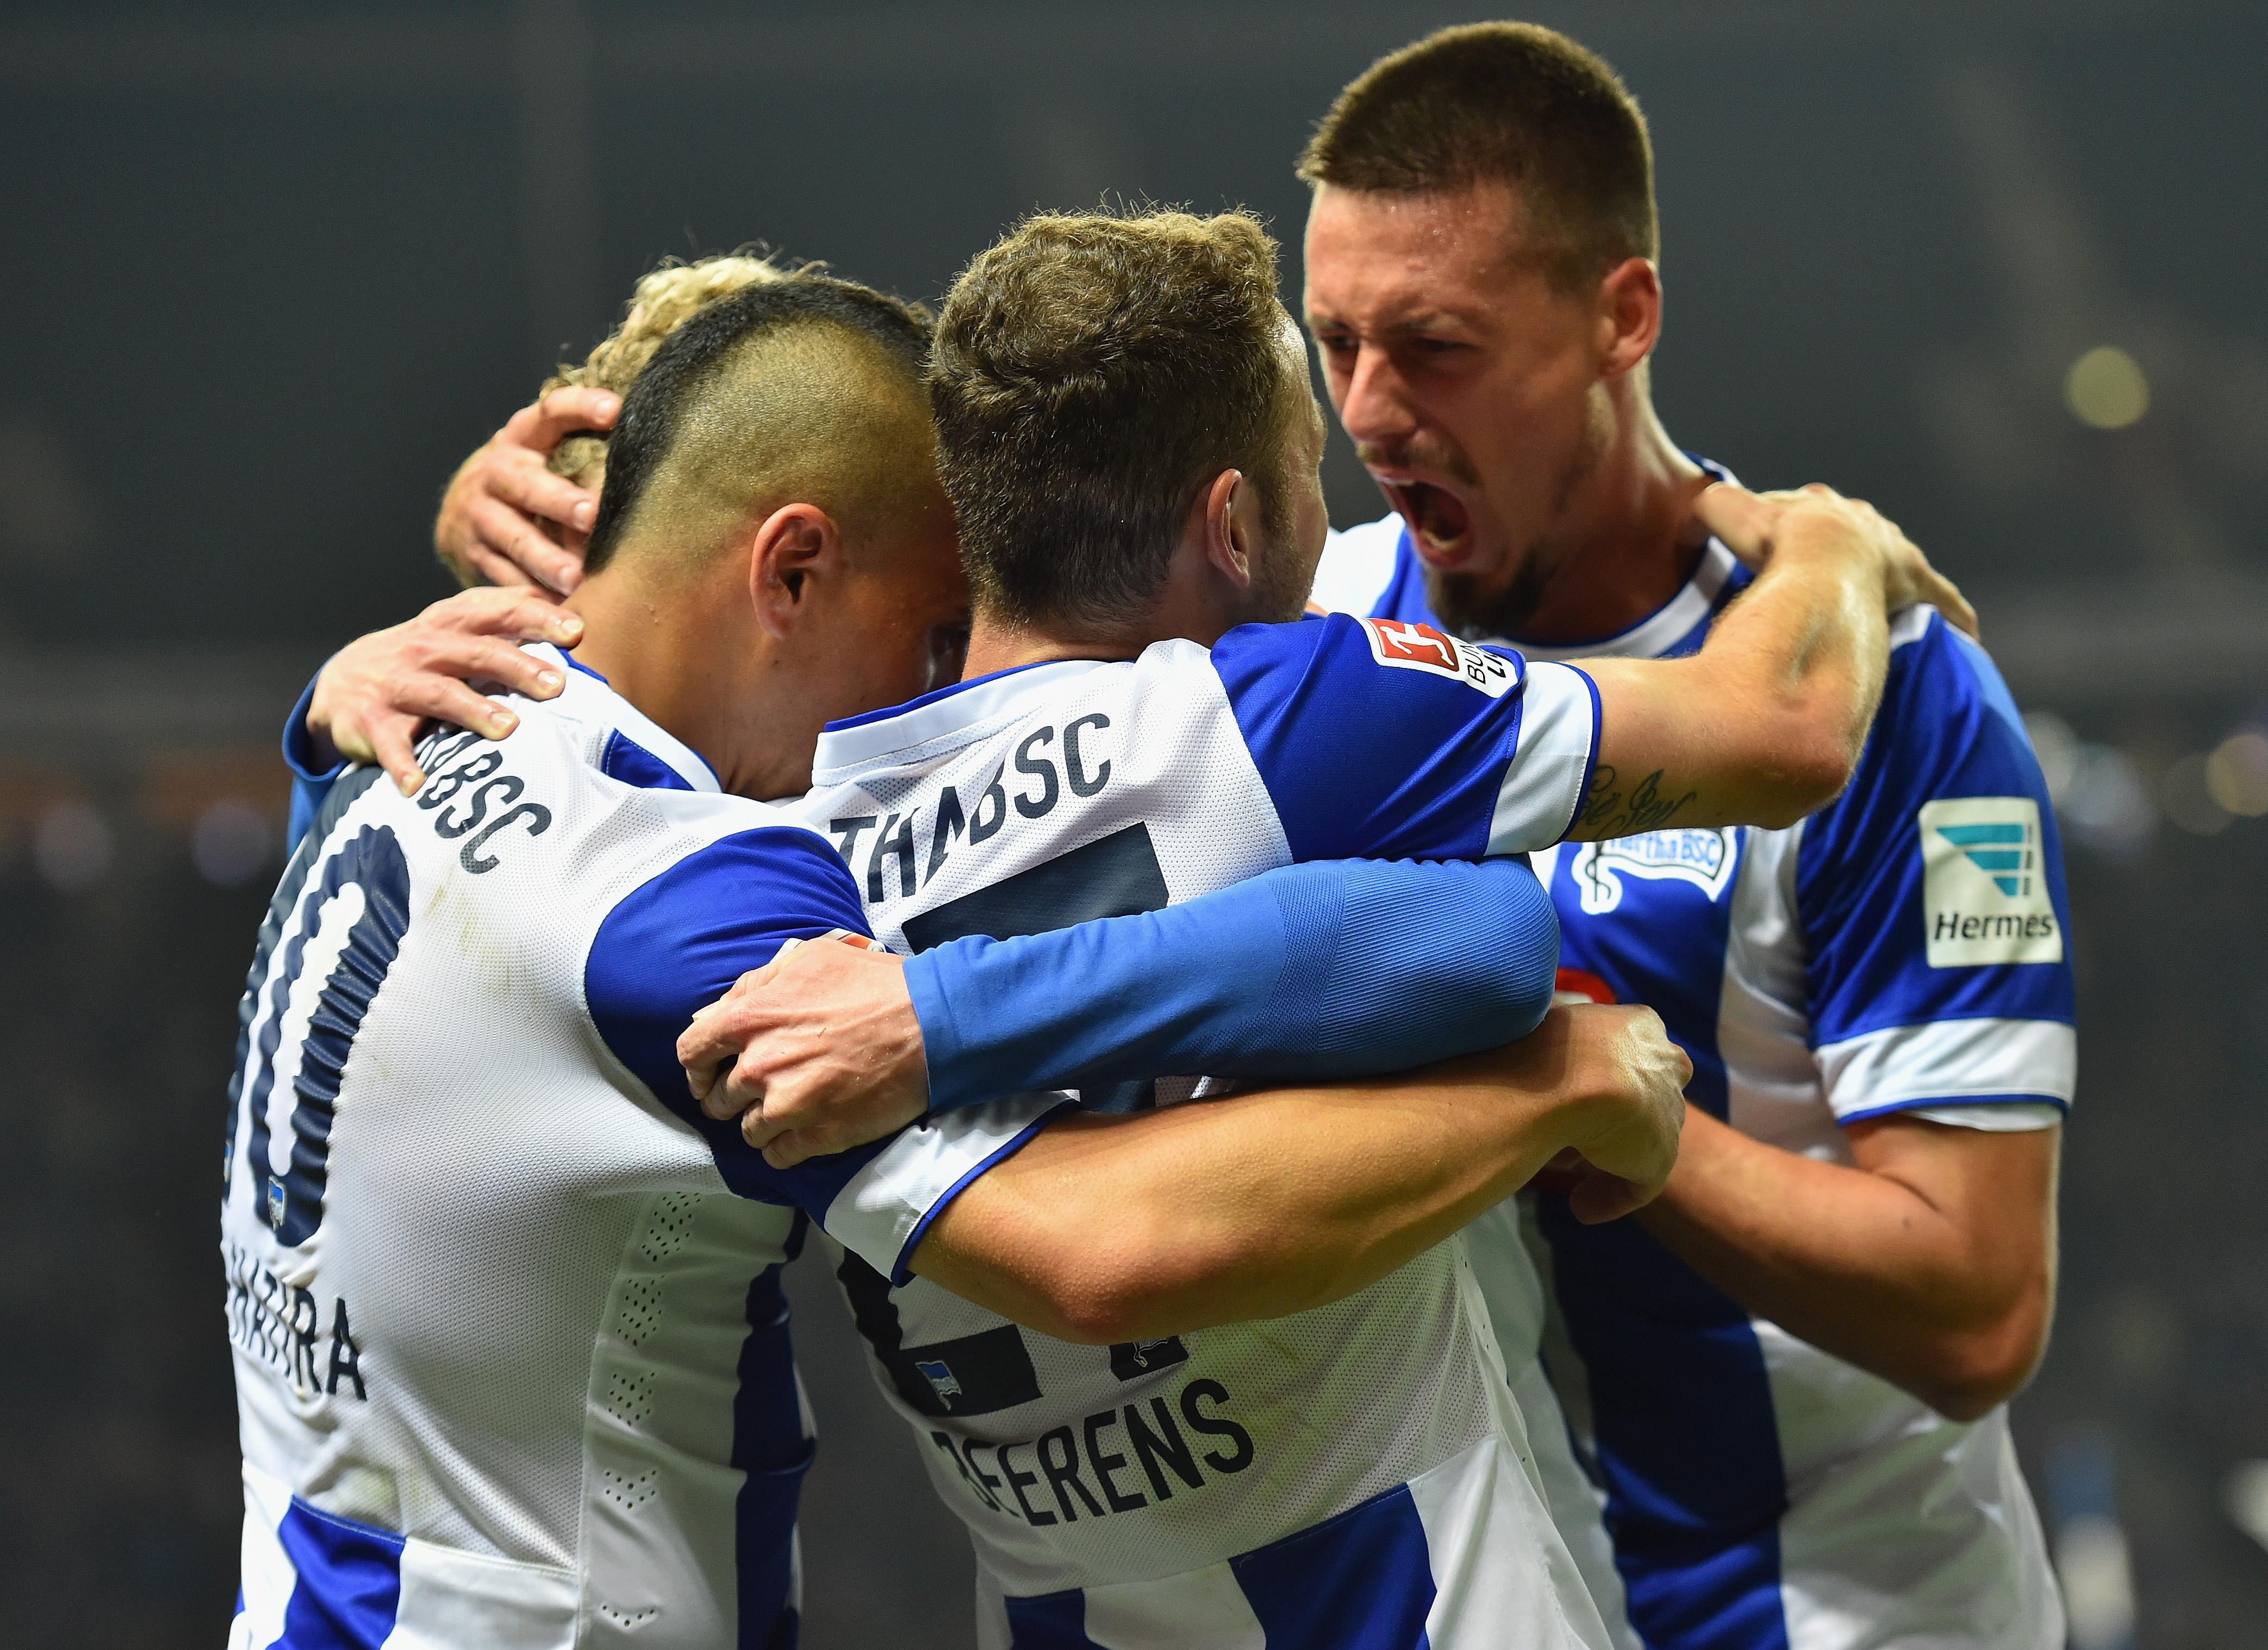 Live-Stream 1. Bundesliga 7. Spieltag: Heute Bprussia M'gladbach vs FSV Mainz 05, Spielplan, Ergebnisse